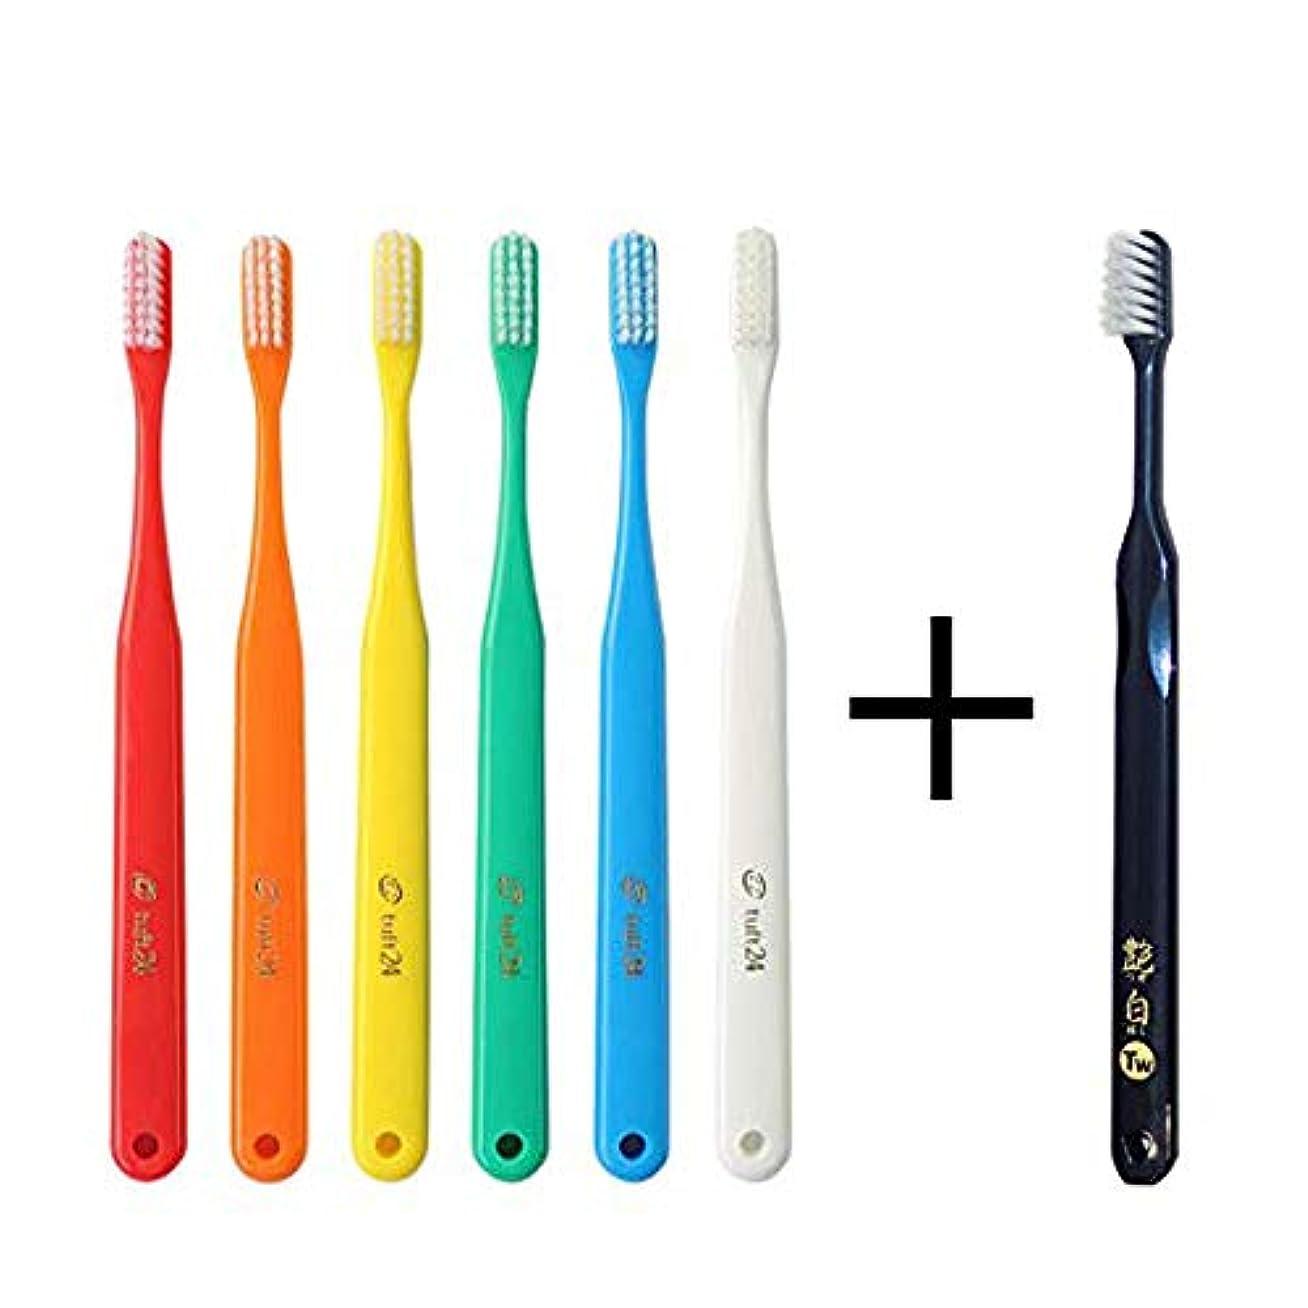 ボーカルチロ二タフト24 歯ブラシ × 10本 (S) キャップなし + 艶白ツイン ハブラシ×1本(S やわらかめ) むし歯予防 歯科専売